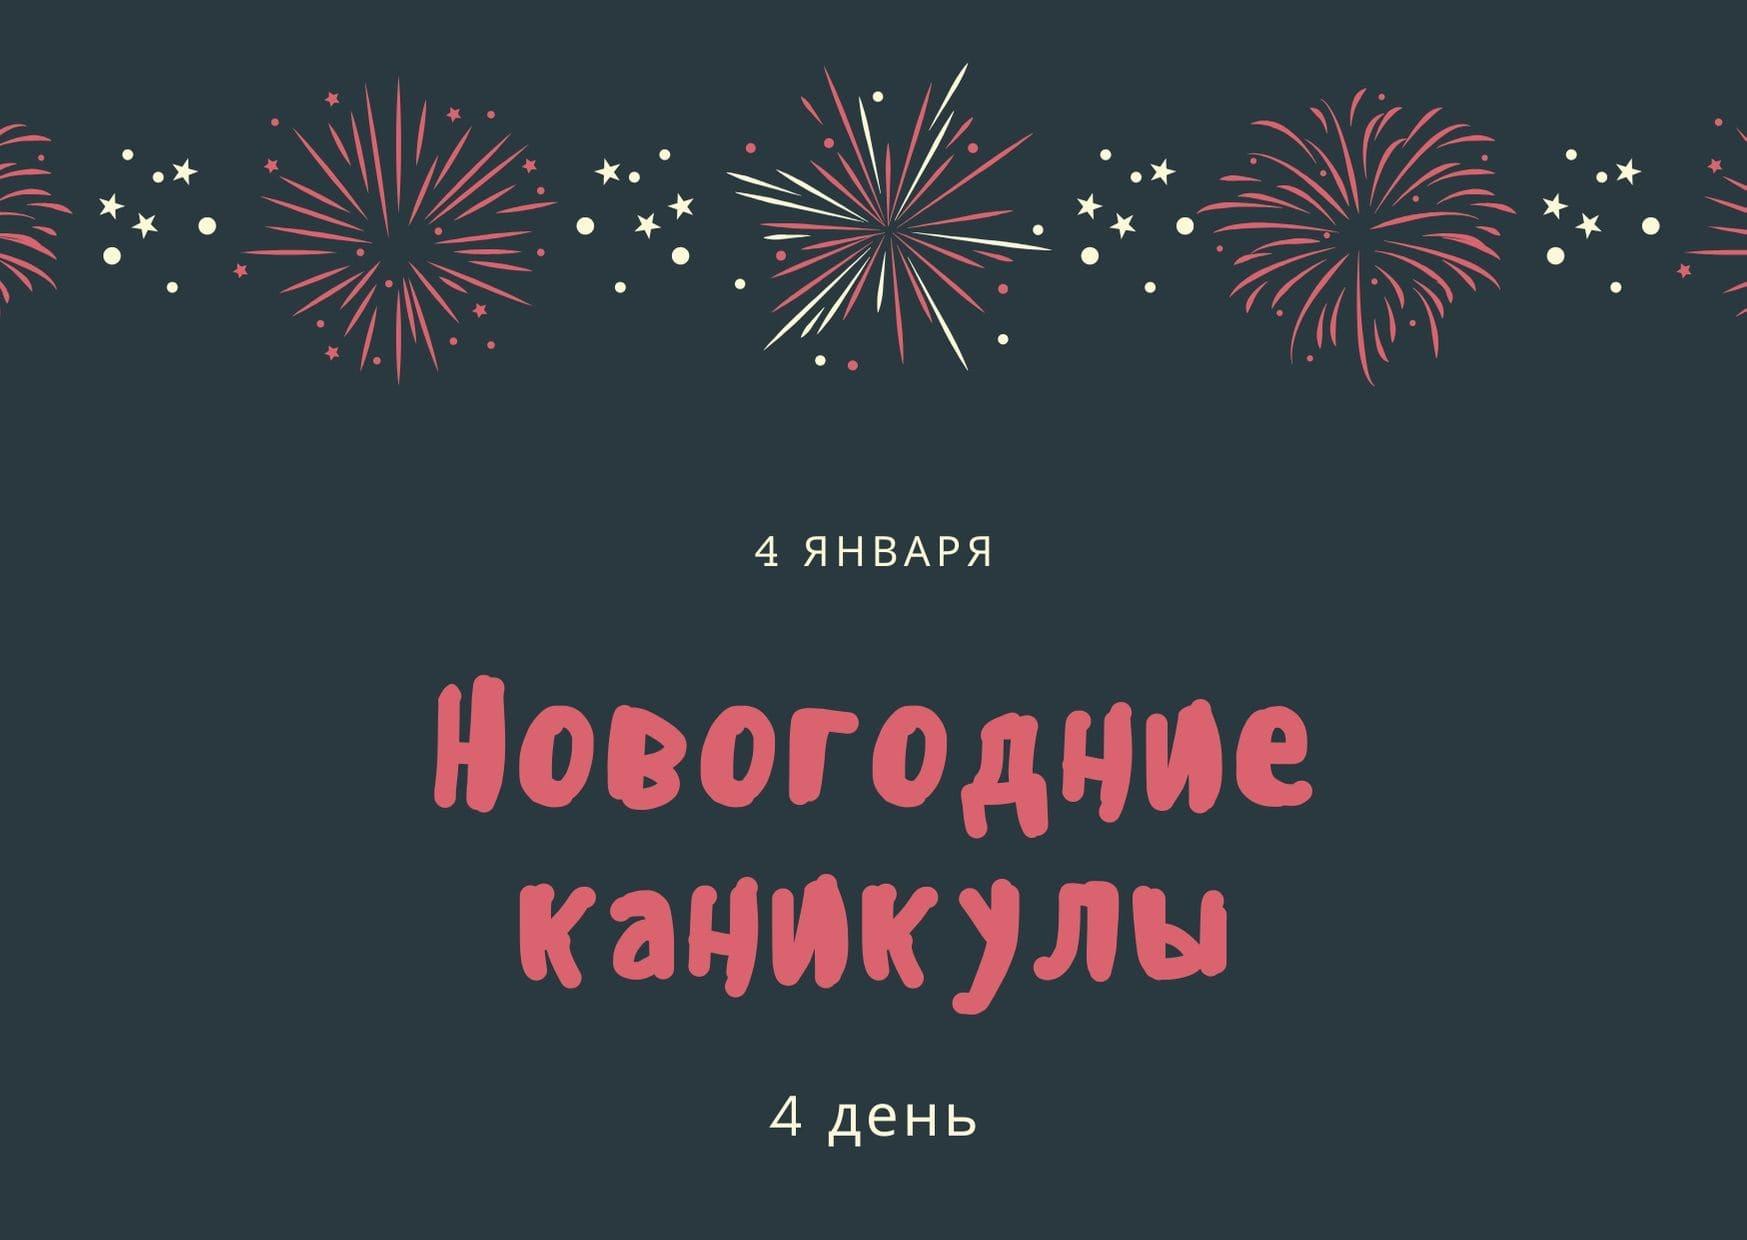 Новогодние каникулы. 4 день. 4 января